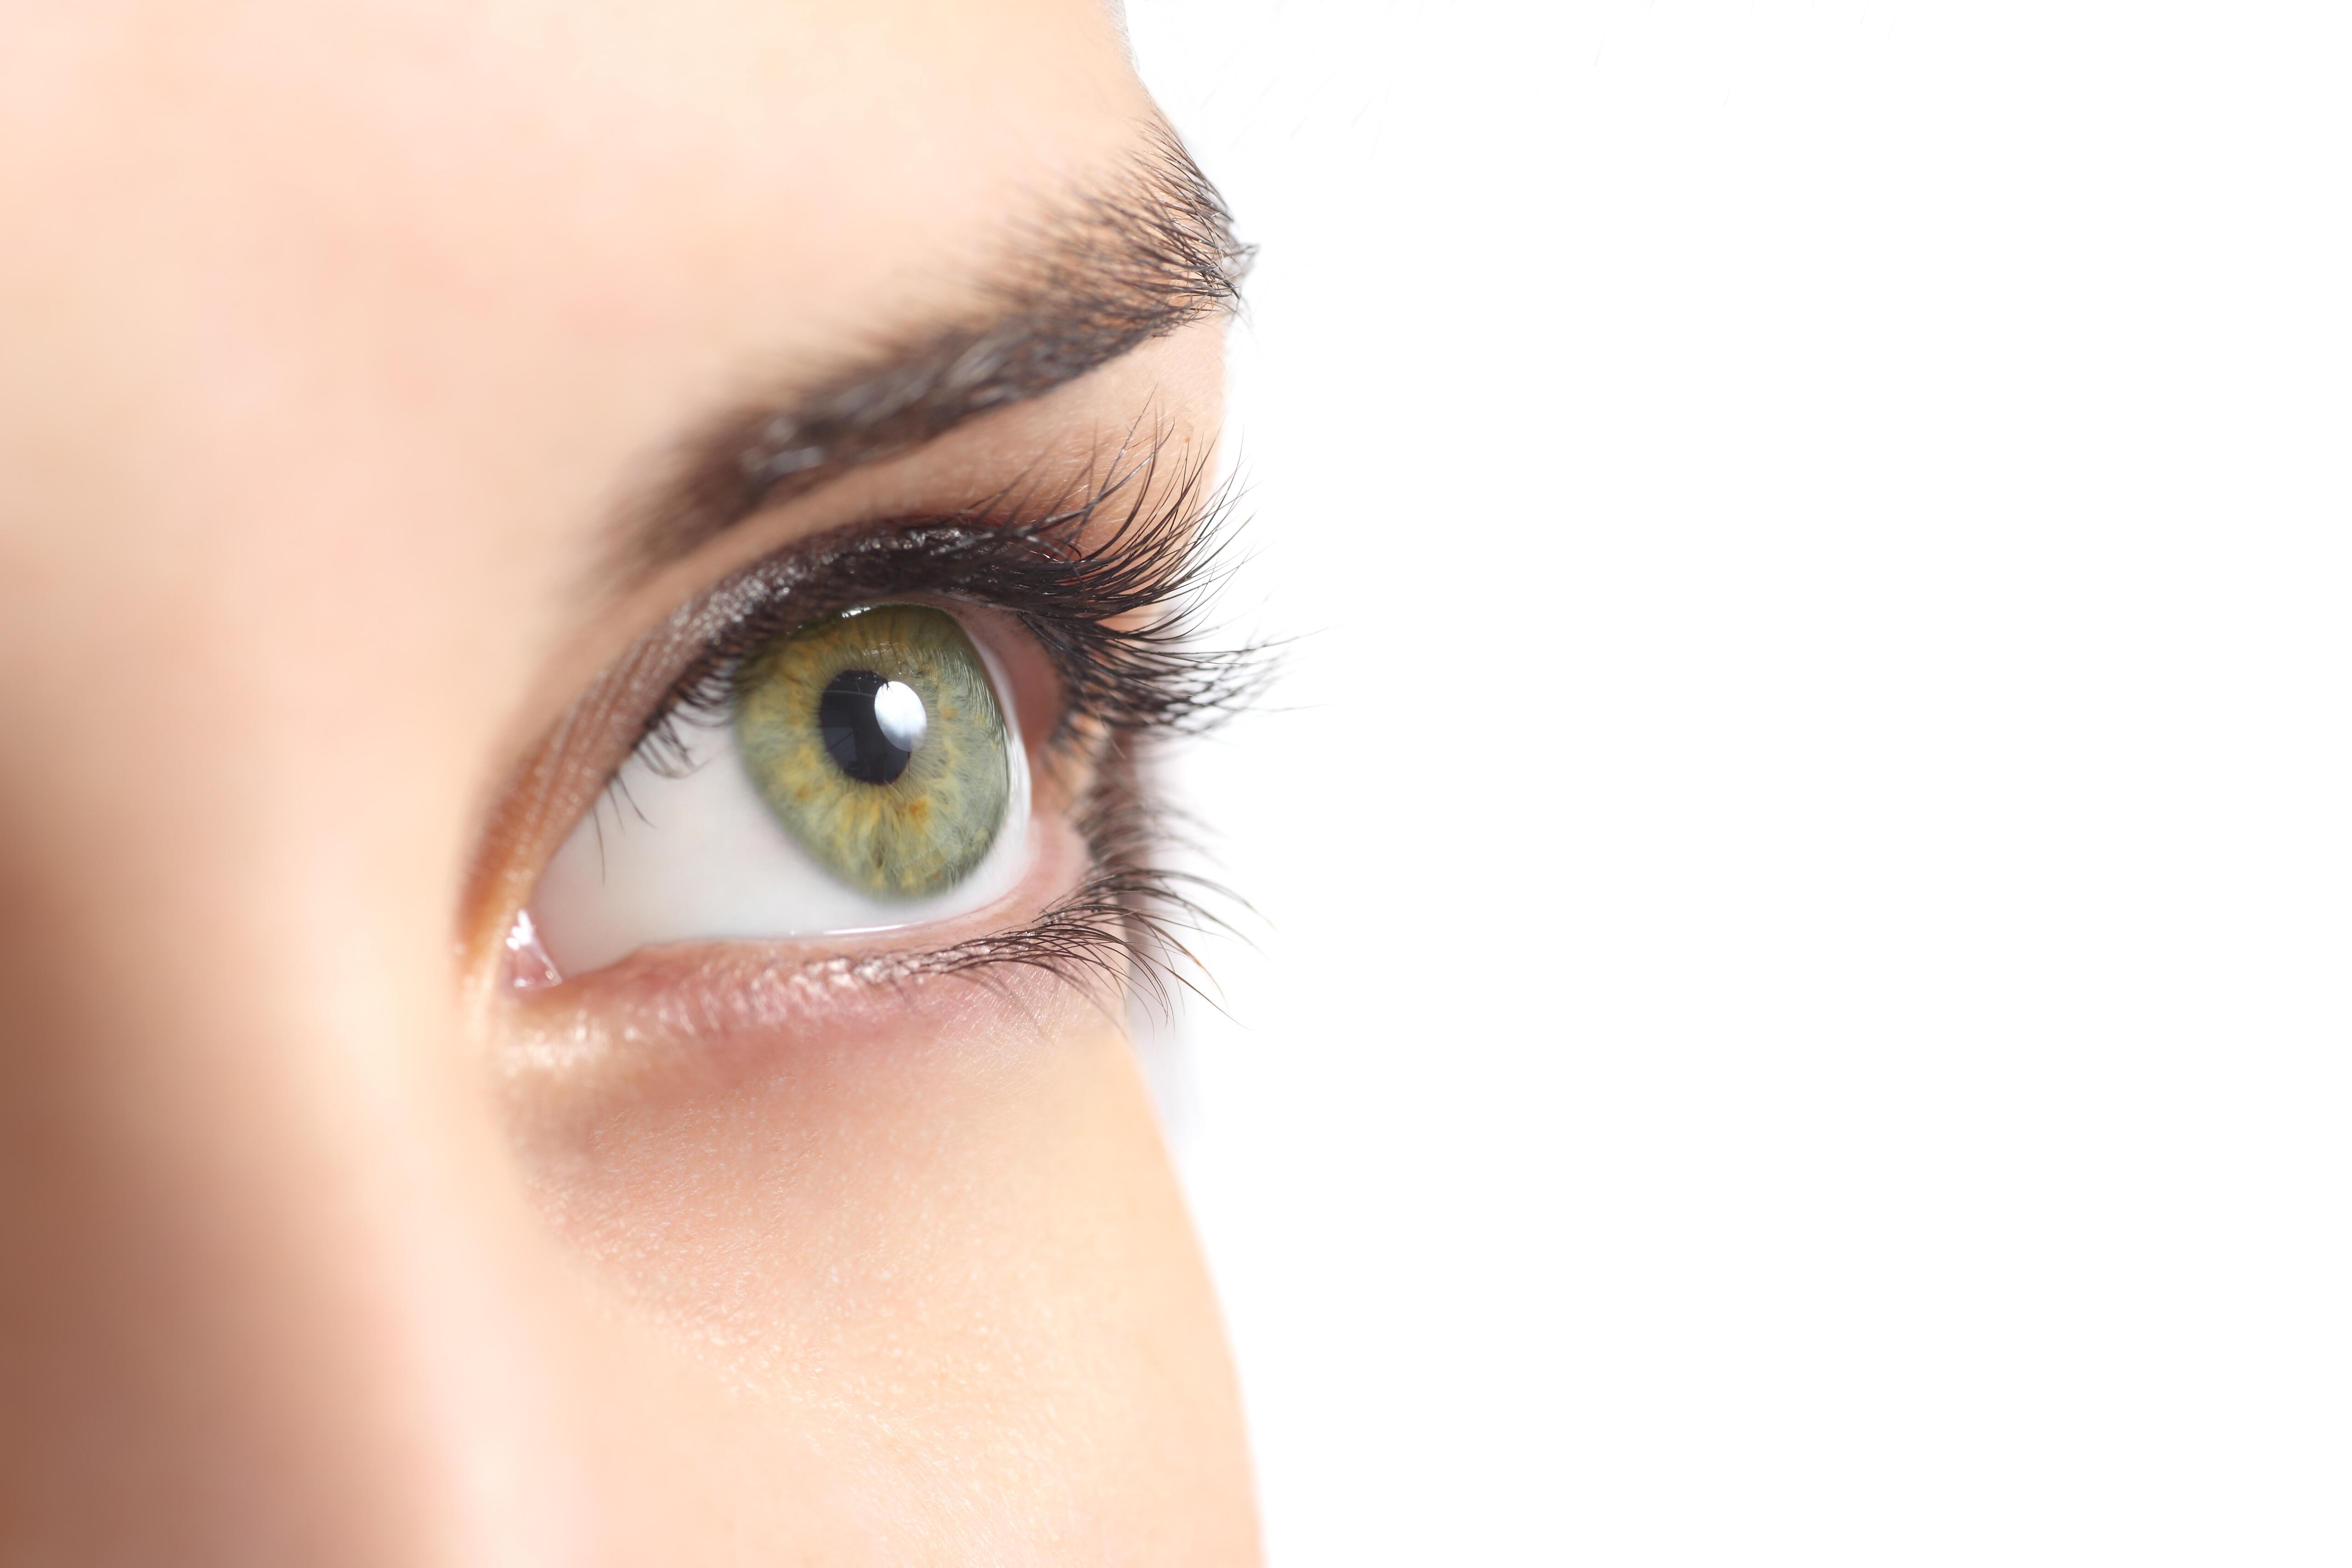 متى تصبح رجفة العين خطراً على الصحة؟